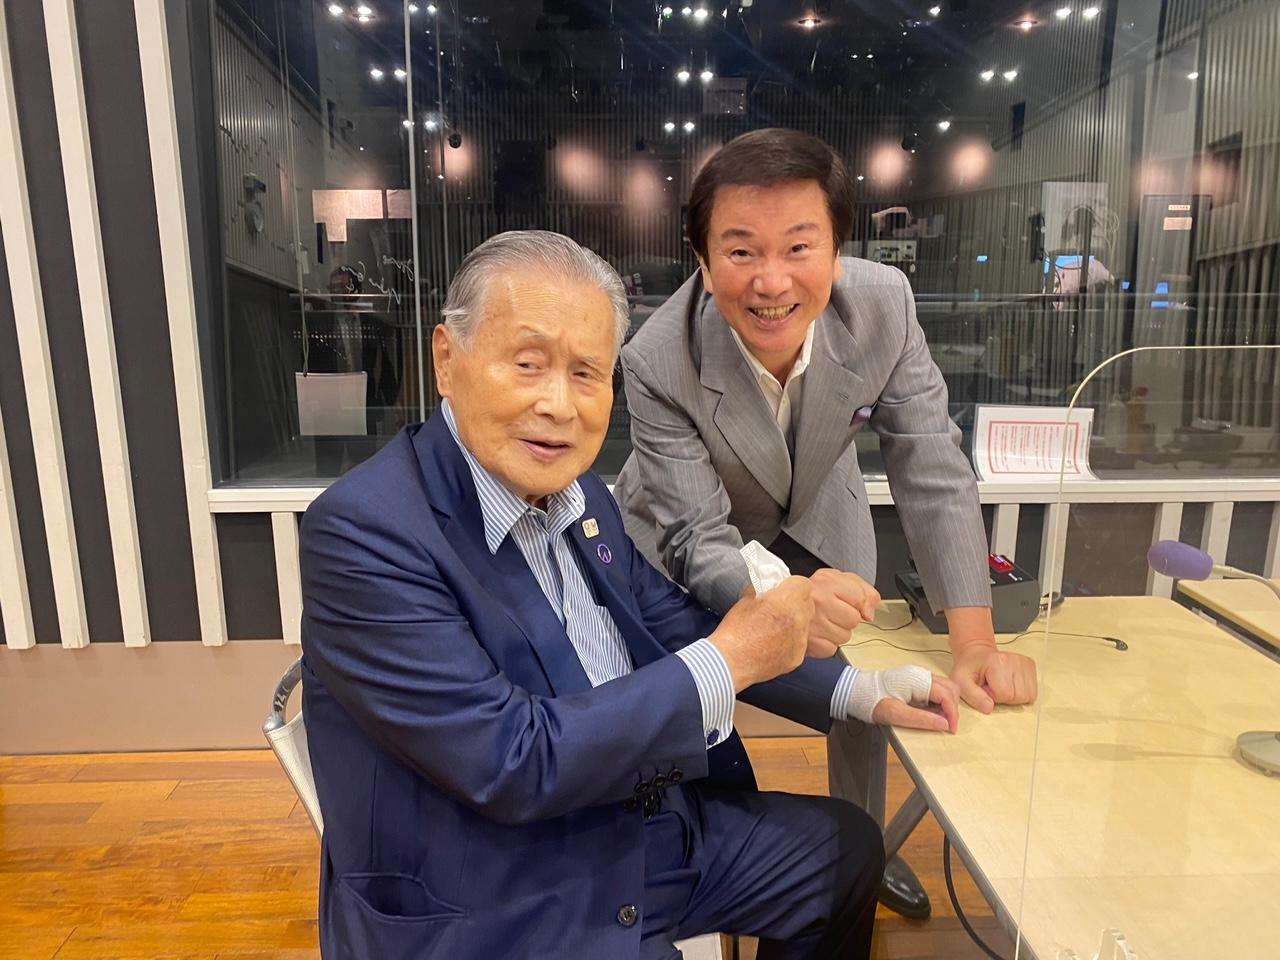 森田健作(右)のラジオ番組にゲスト出演する森喜朗氏